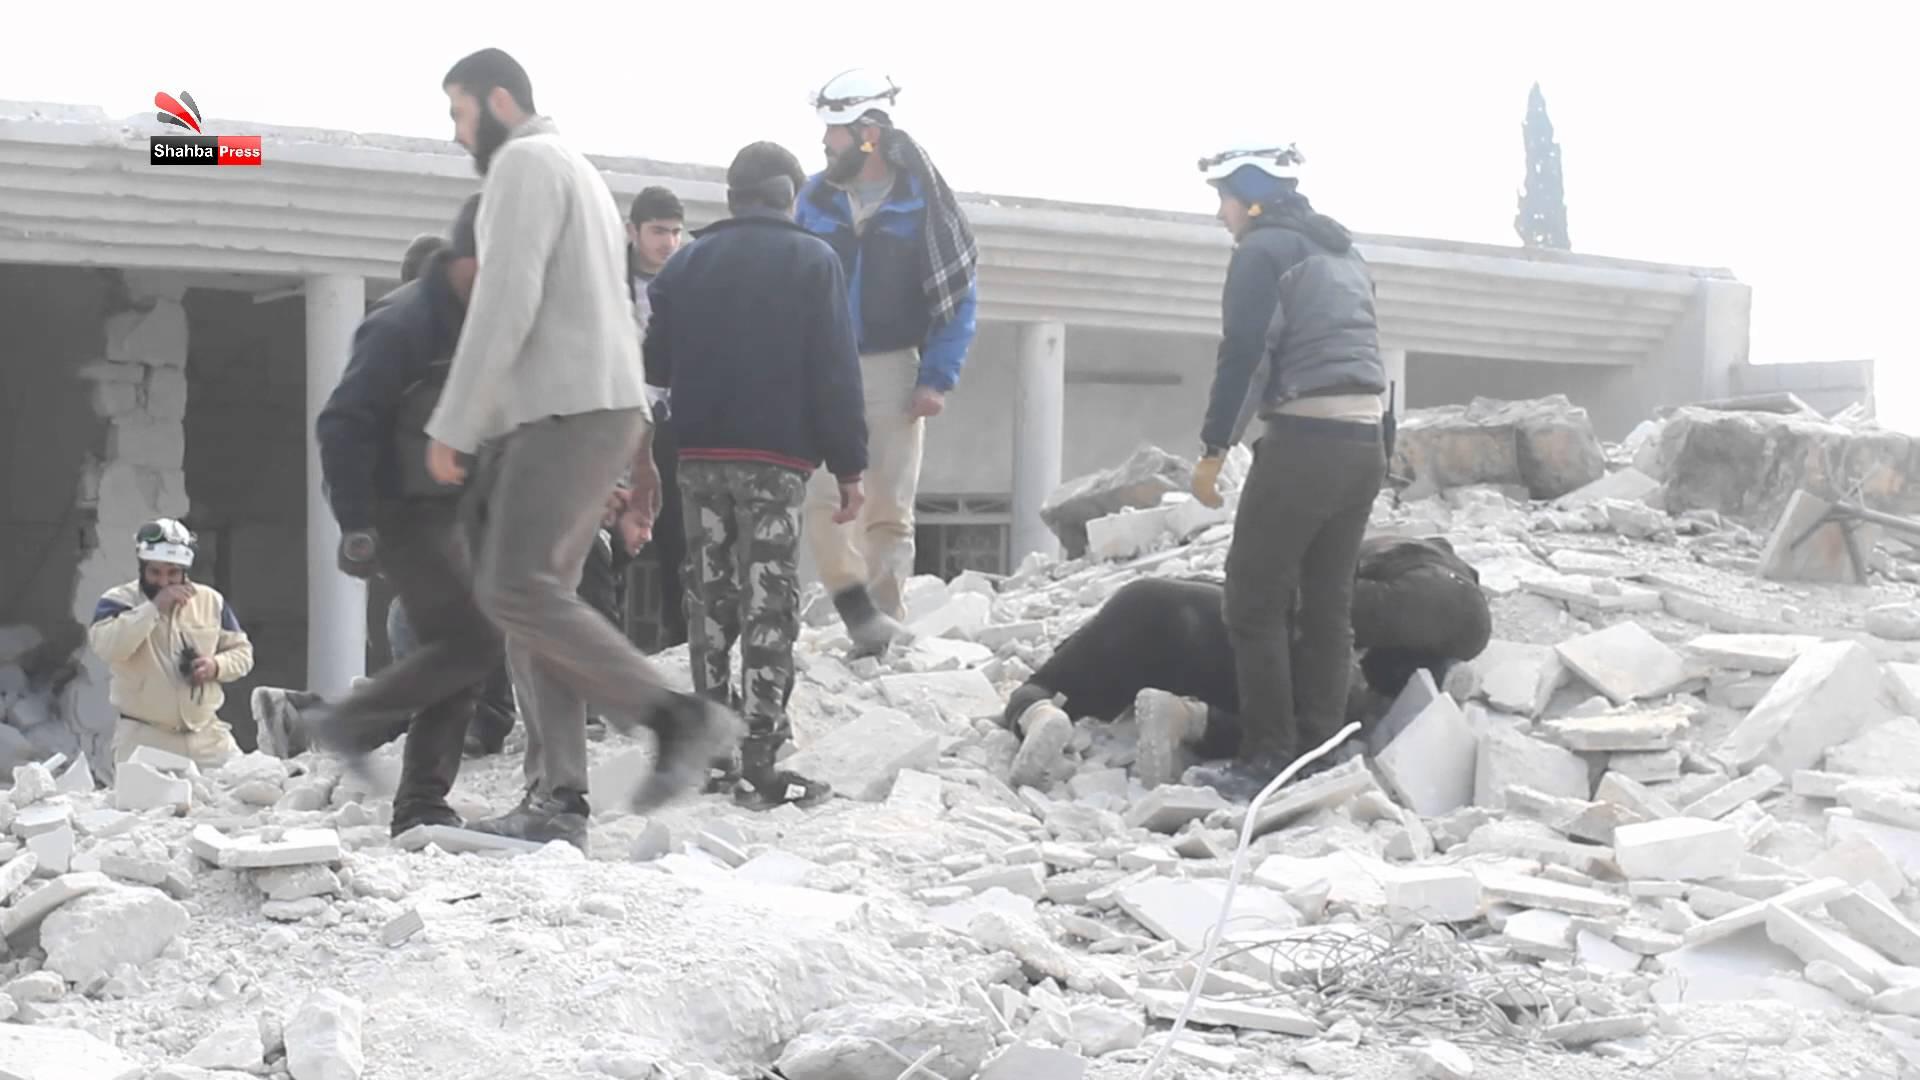 نشرة أخبار سوريا- أكثر من 250 غارة جوية من الطيران الروسي الأسدي على حلب وريفها، ومقتل قائد عمليات قوات النظام في بلدة الزارة بريف حماة -(16-8-2016)